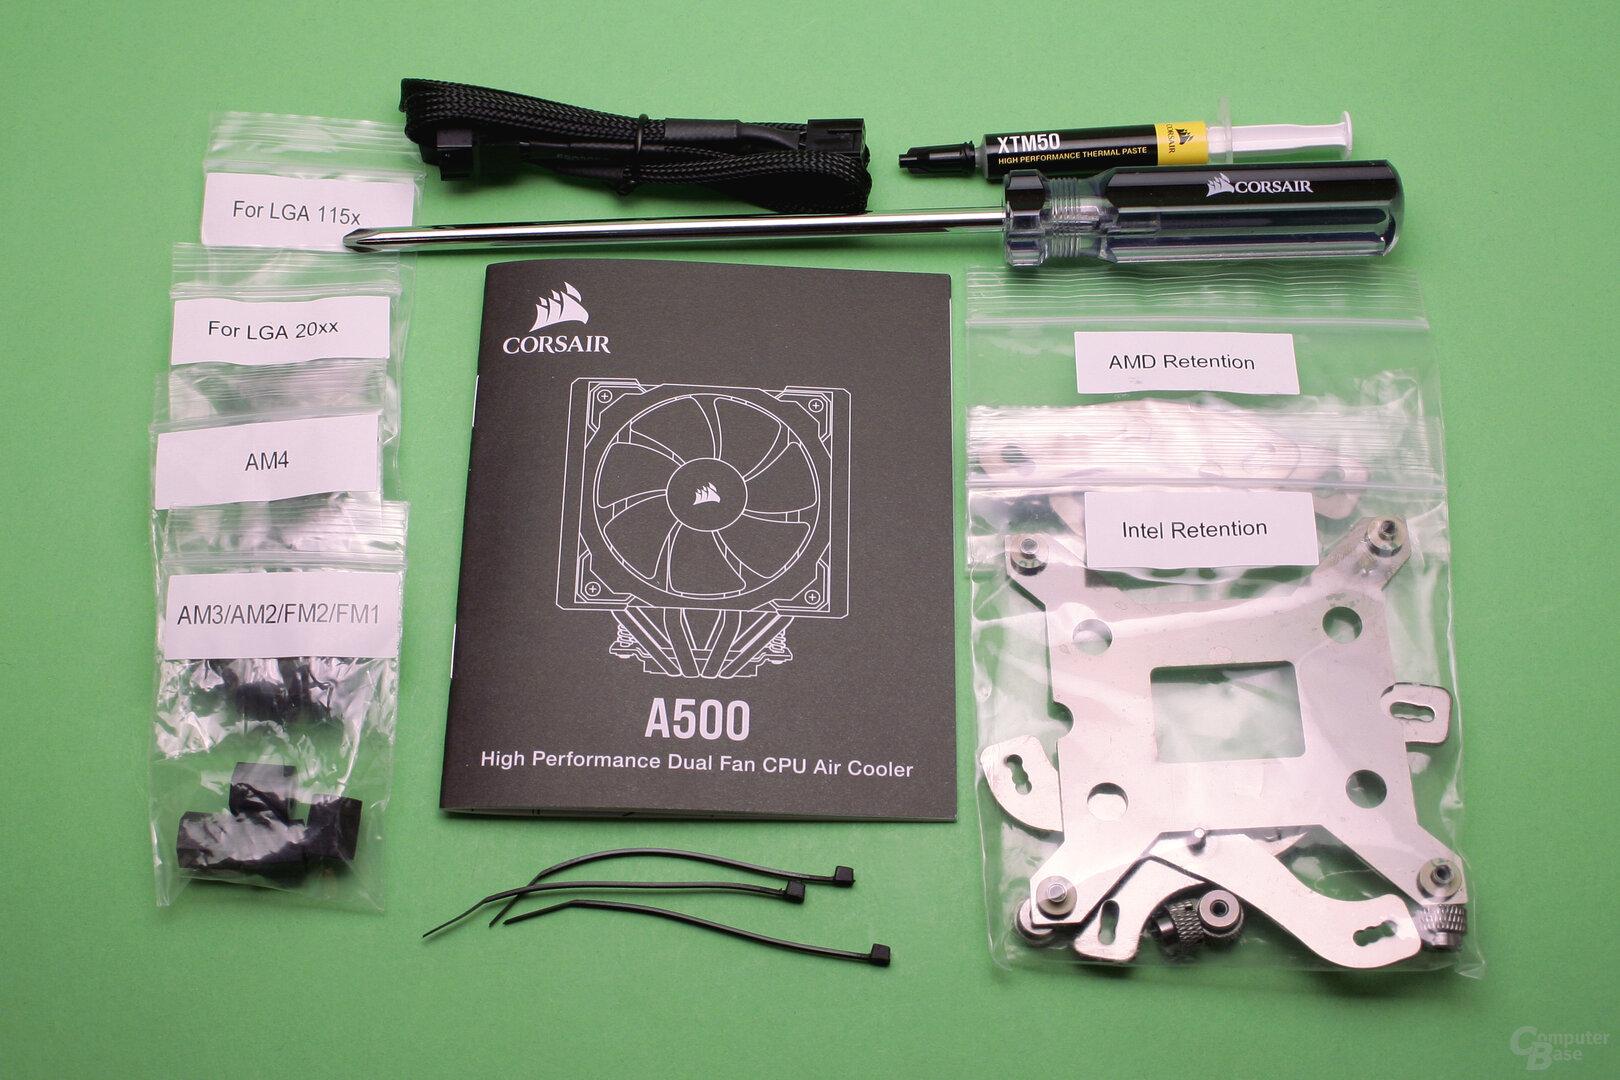 Corsair A500: Der Lieferumfang ist großzügig